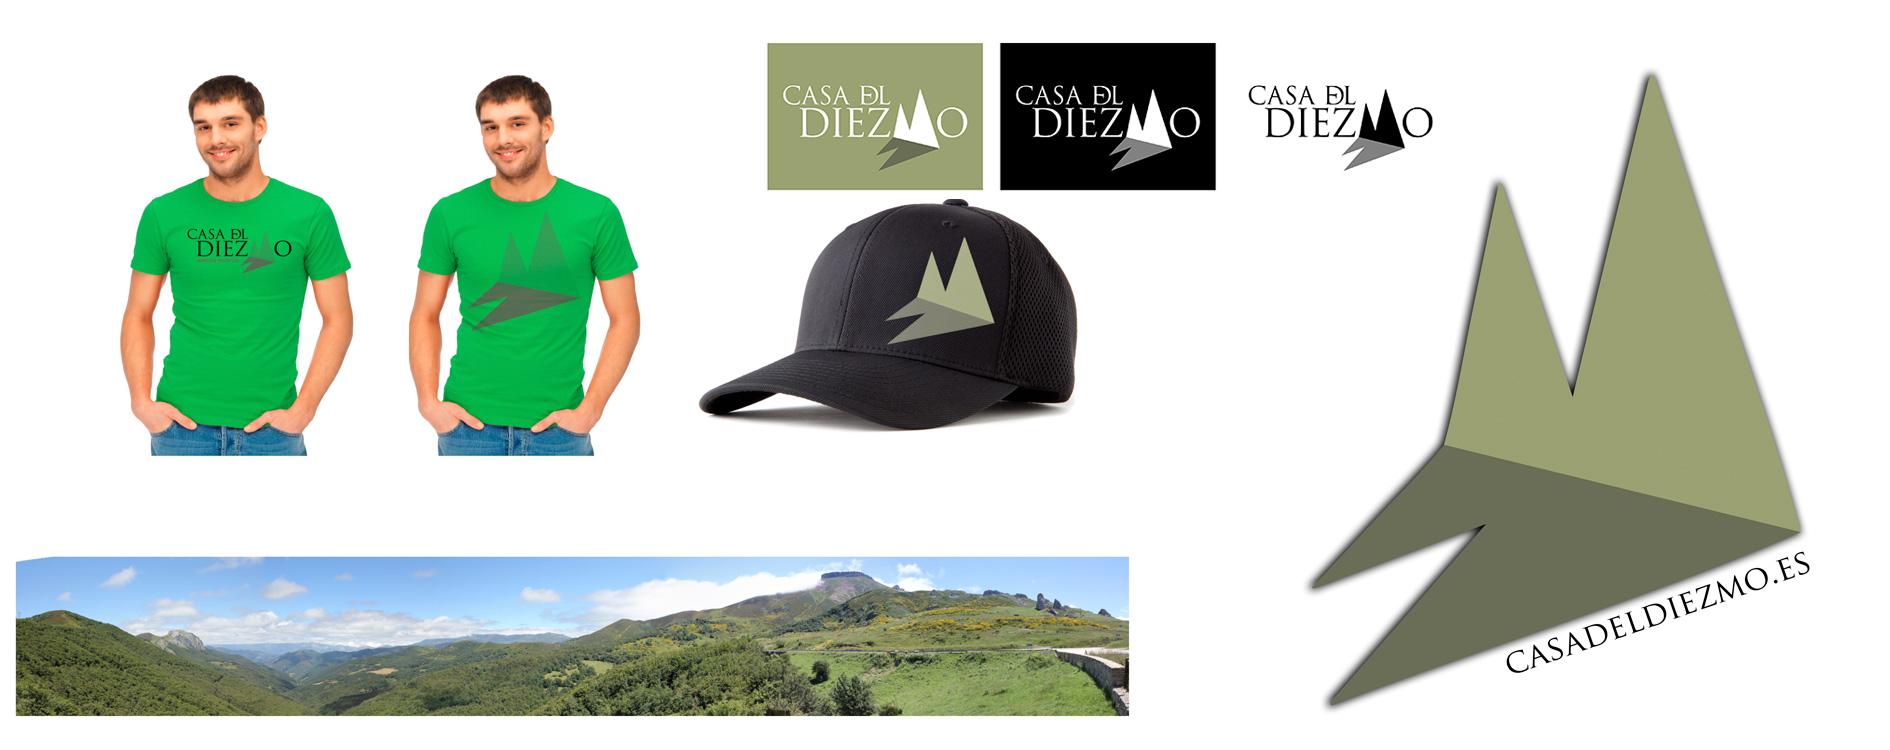 Desarrollo de logotipo Casa del Diezmo